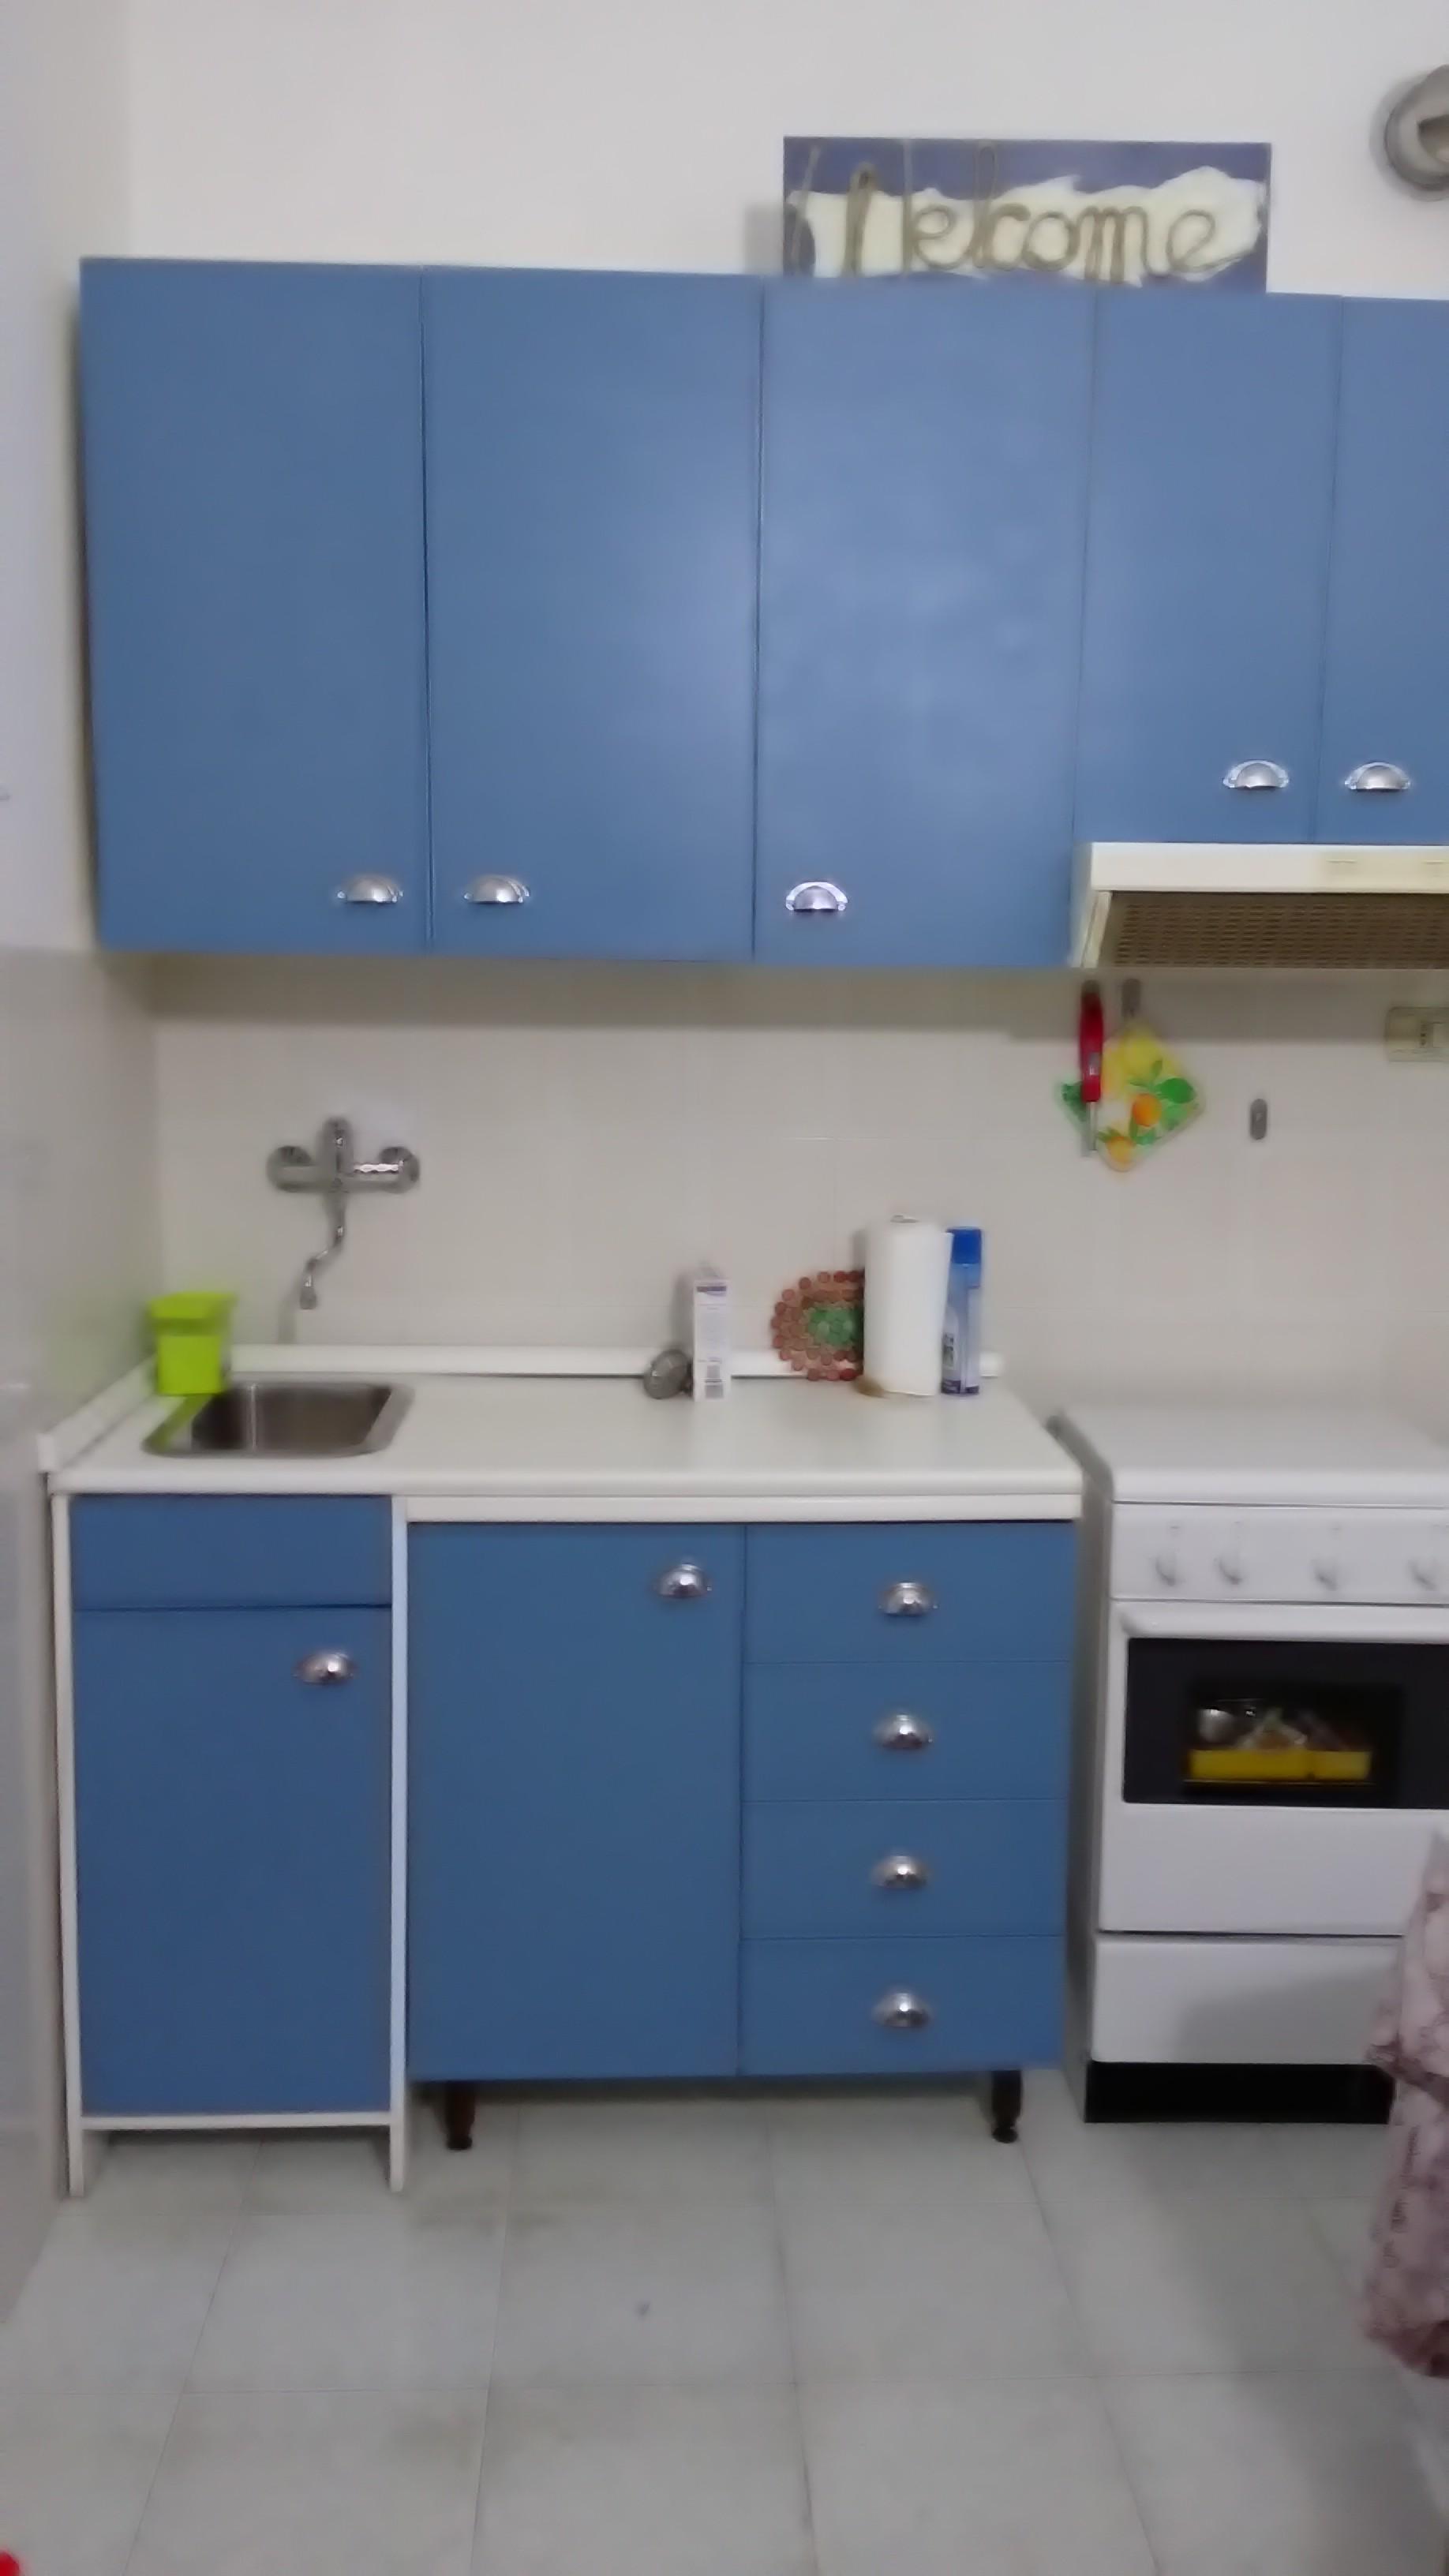 Mobiletto Per Appoggiare Microonde quali lavori vorreste iniziare in casa? - pagina 3 - airbnb